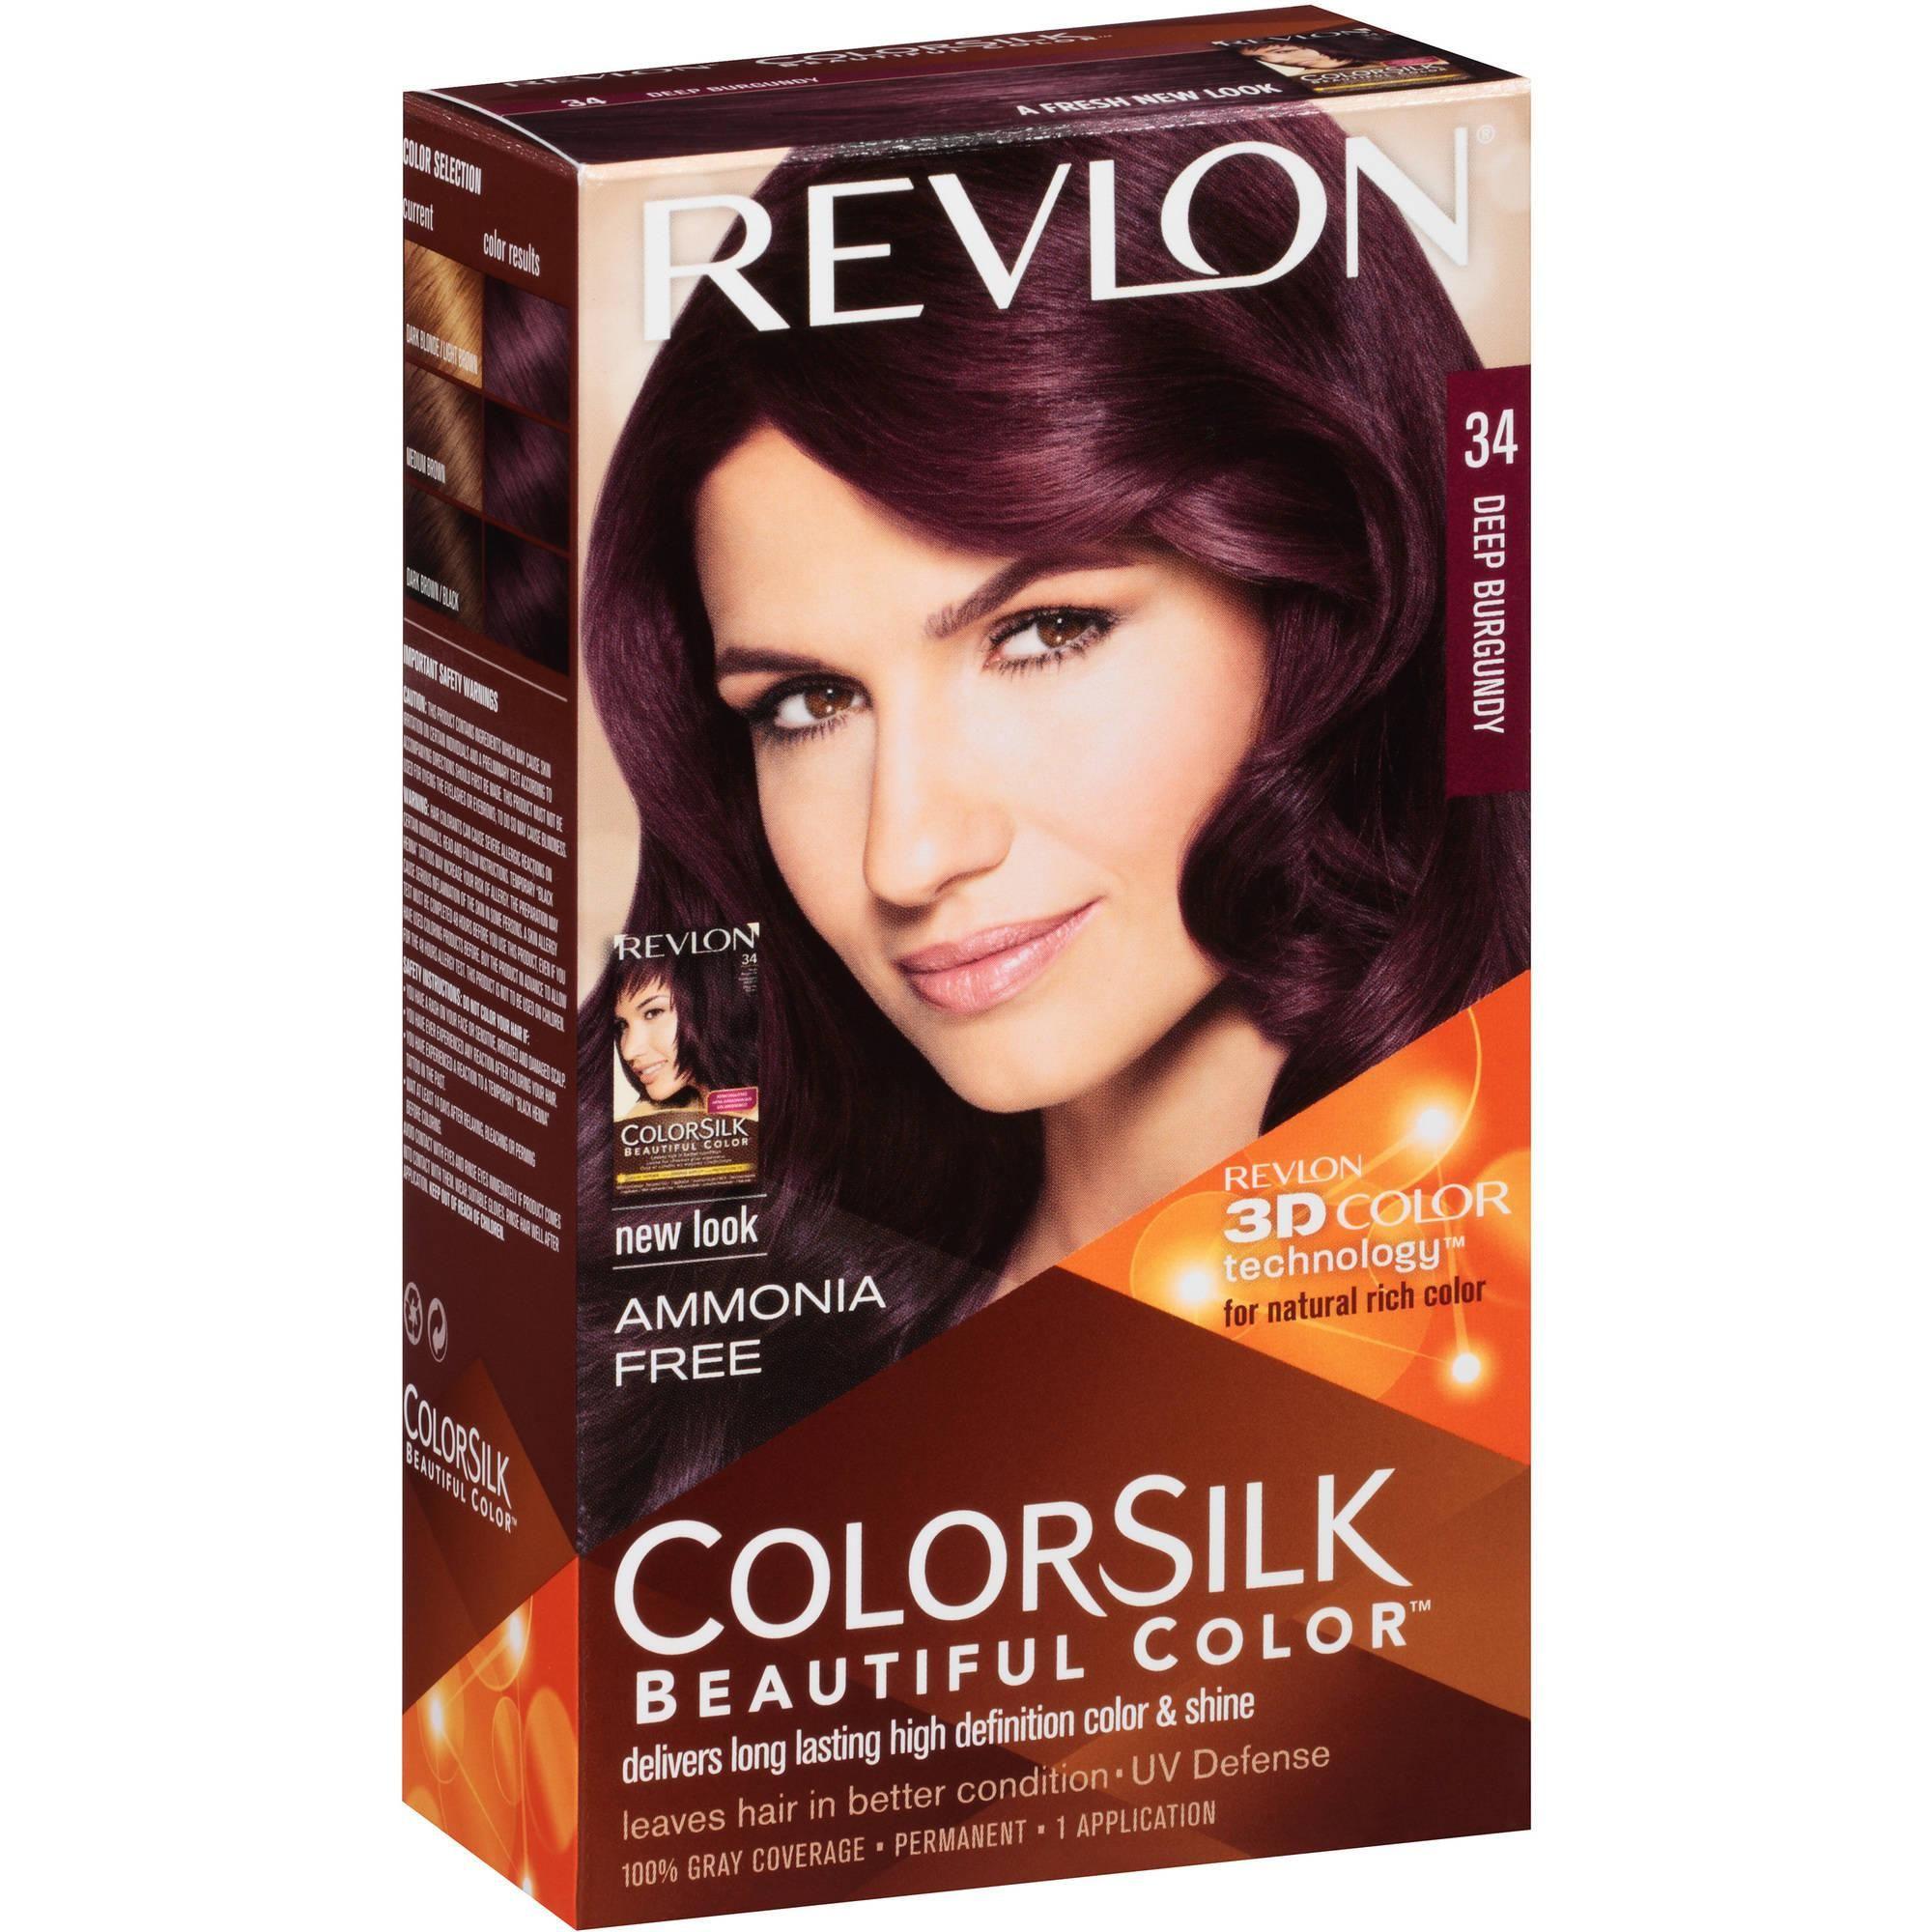 Revlon® Colorsilk Beautiful Color™ Permanent Liquid Hair color ...